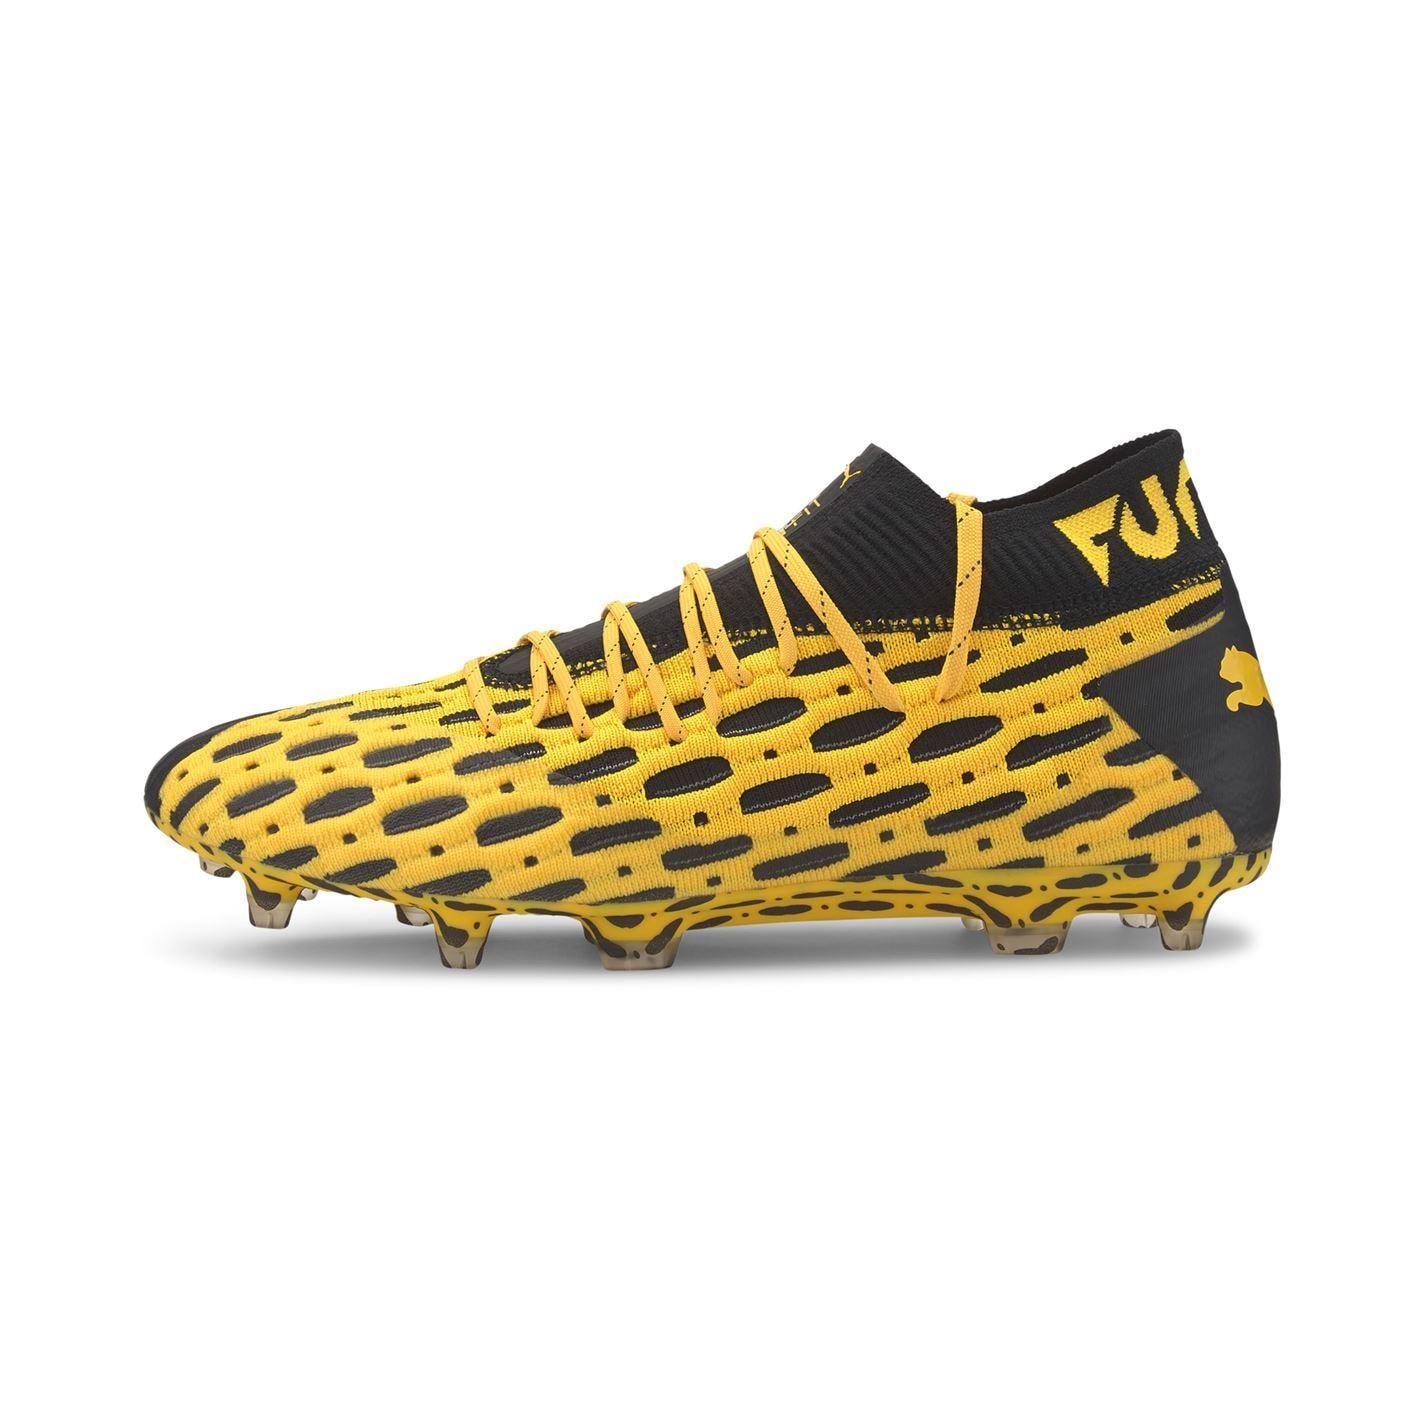 miniature 5 - Puma Future 5.1 Homme FG Firm Ground Chaussures De Football Chaussures de Foot Crampons Baskets